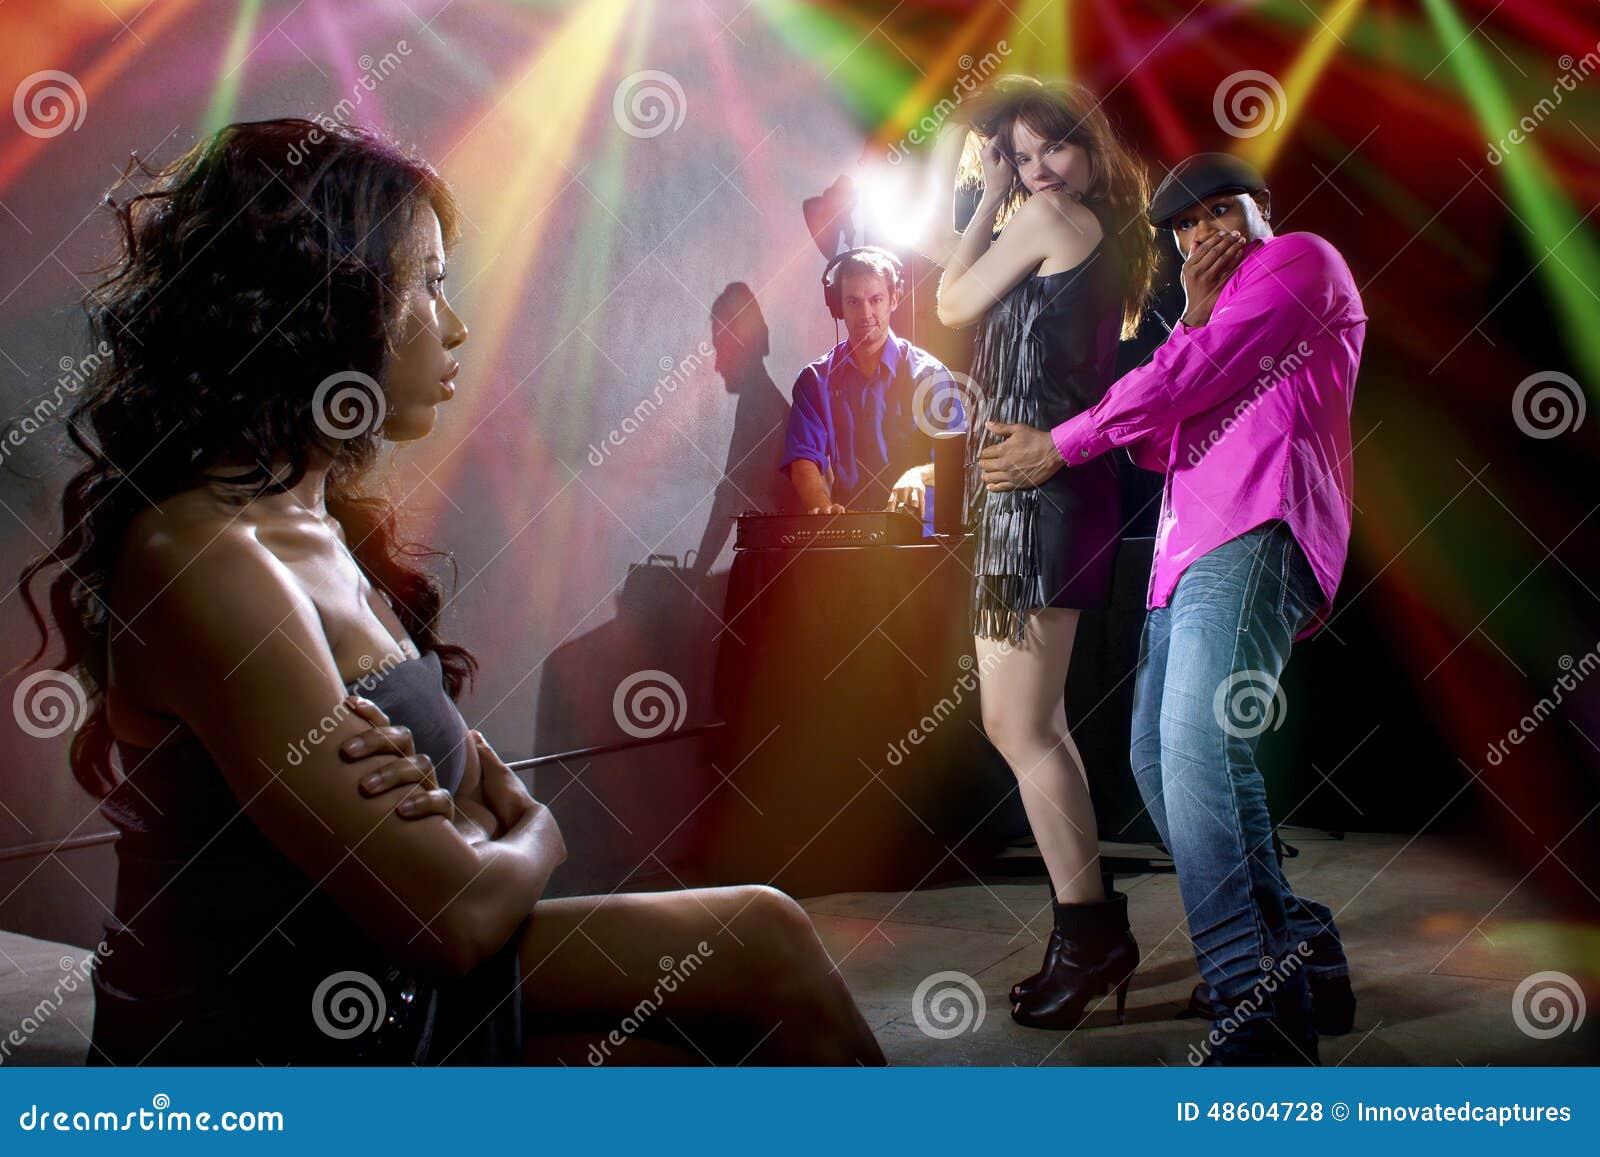 Fångat fusk på en nattklubb